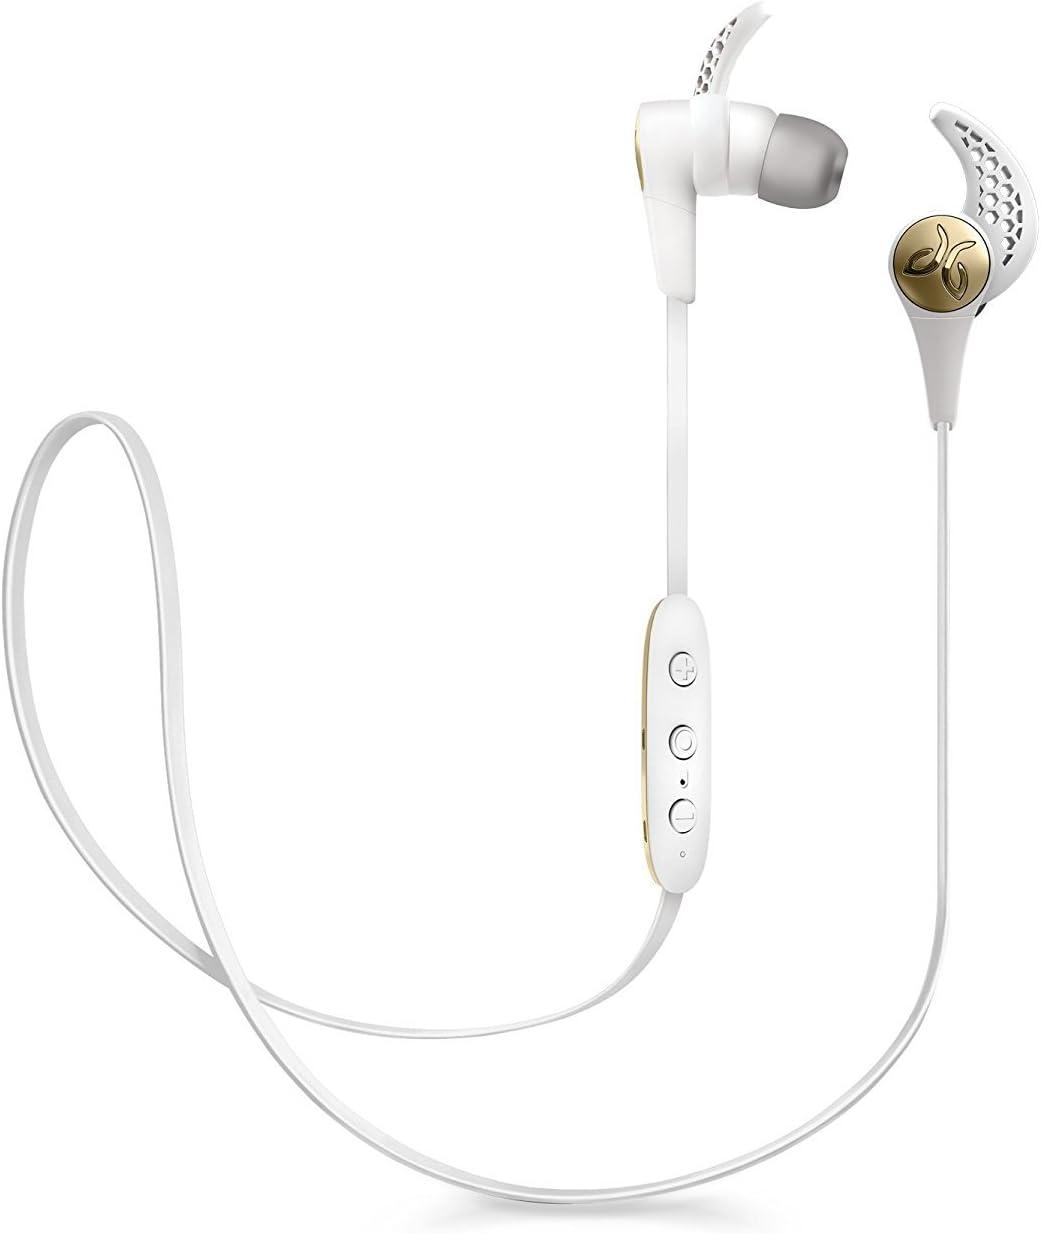 Jaybird X3 Sport Bluetooth Headphones - Sparta - BT - N/A - EMEA - JAYBIRD- 6/12PK